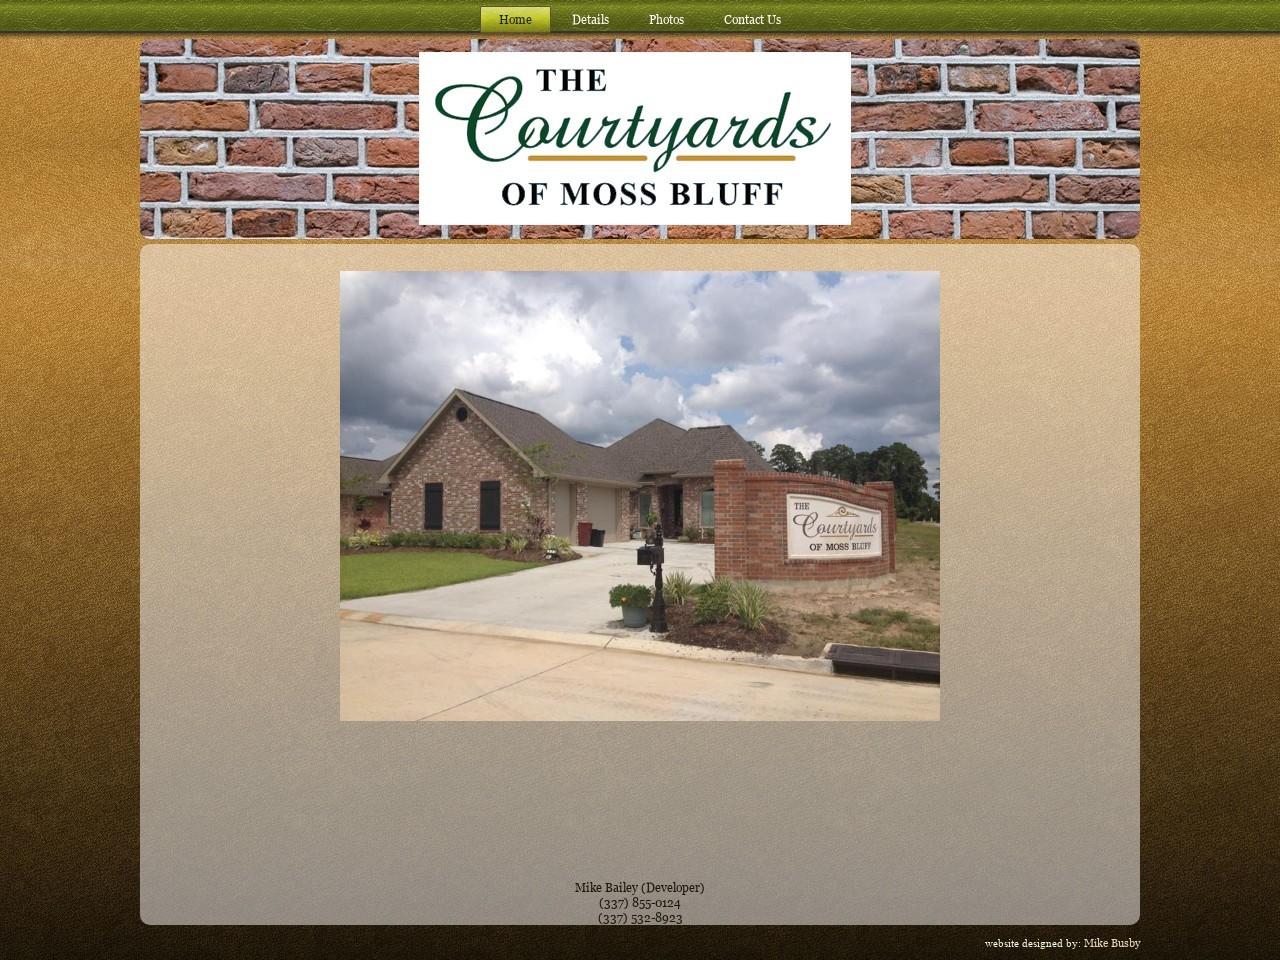 Courtyards of Moss Bluff